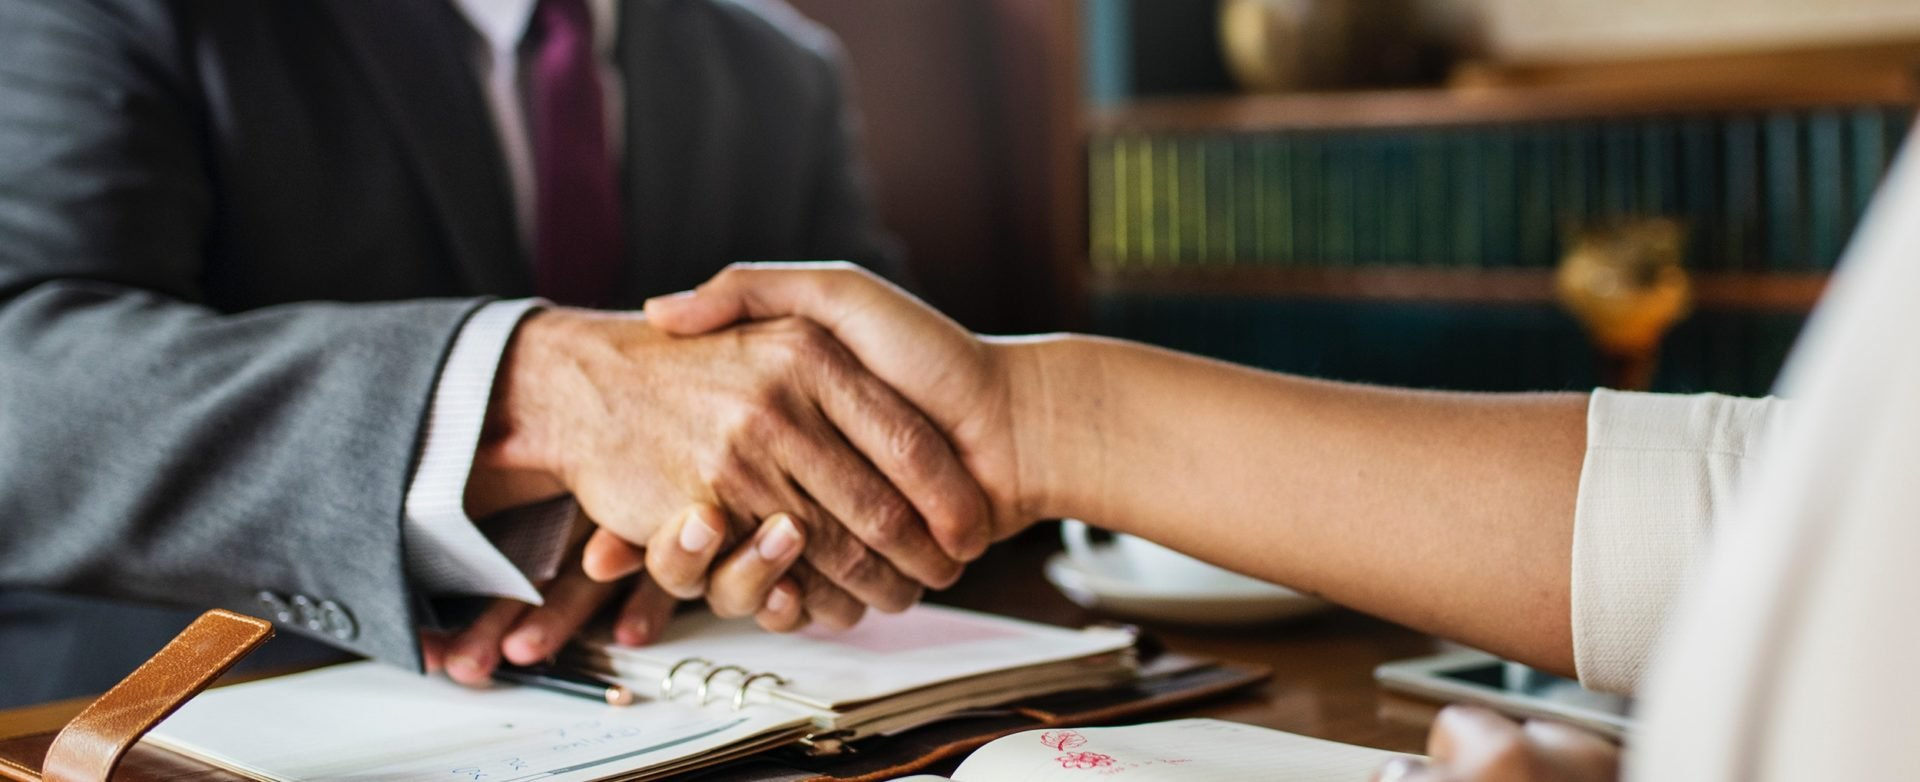 Asesoría en insolvencia económica Cali – Jinete & Asociados